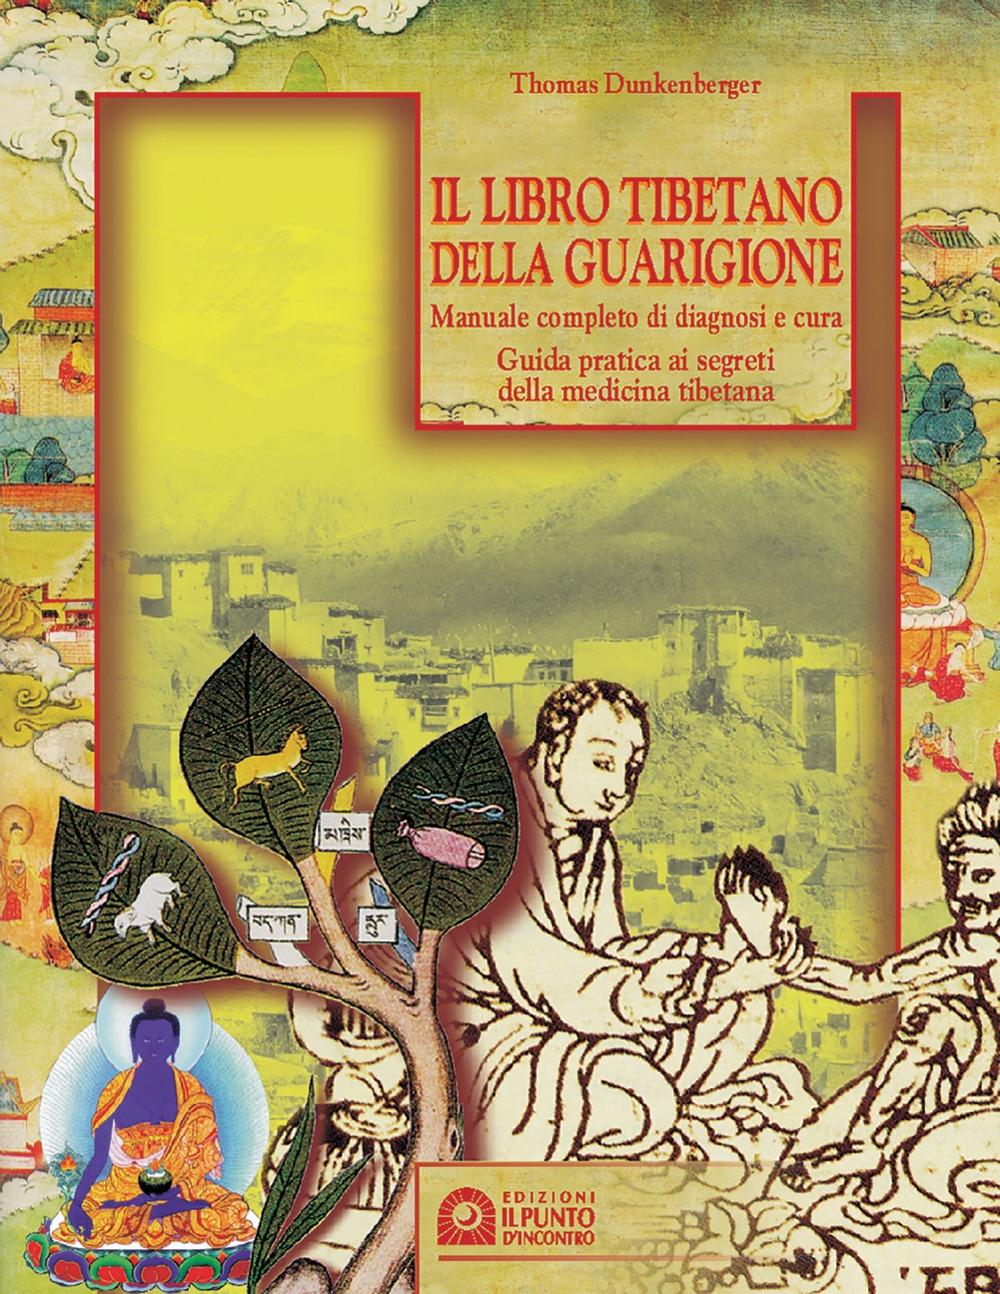 Il libro tibetano della guarigione. Manuale completo di diagnosi e cura. Guida pratica ai segreti della medicina tibetana